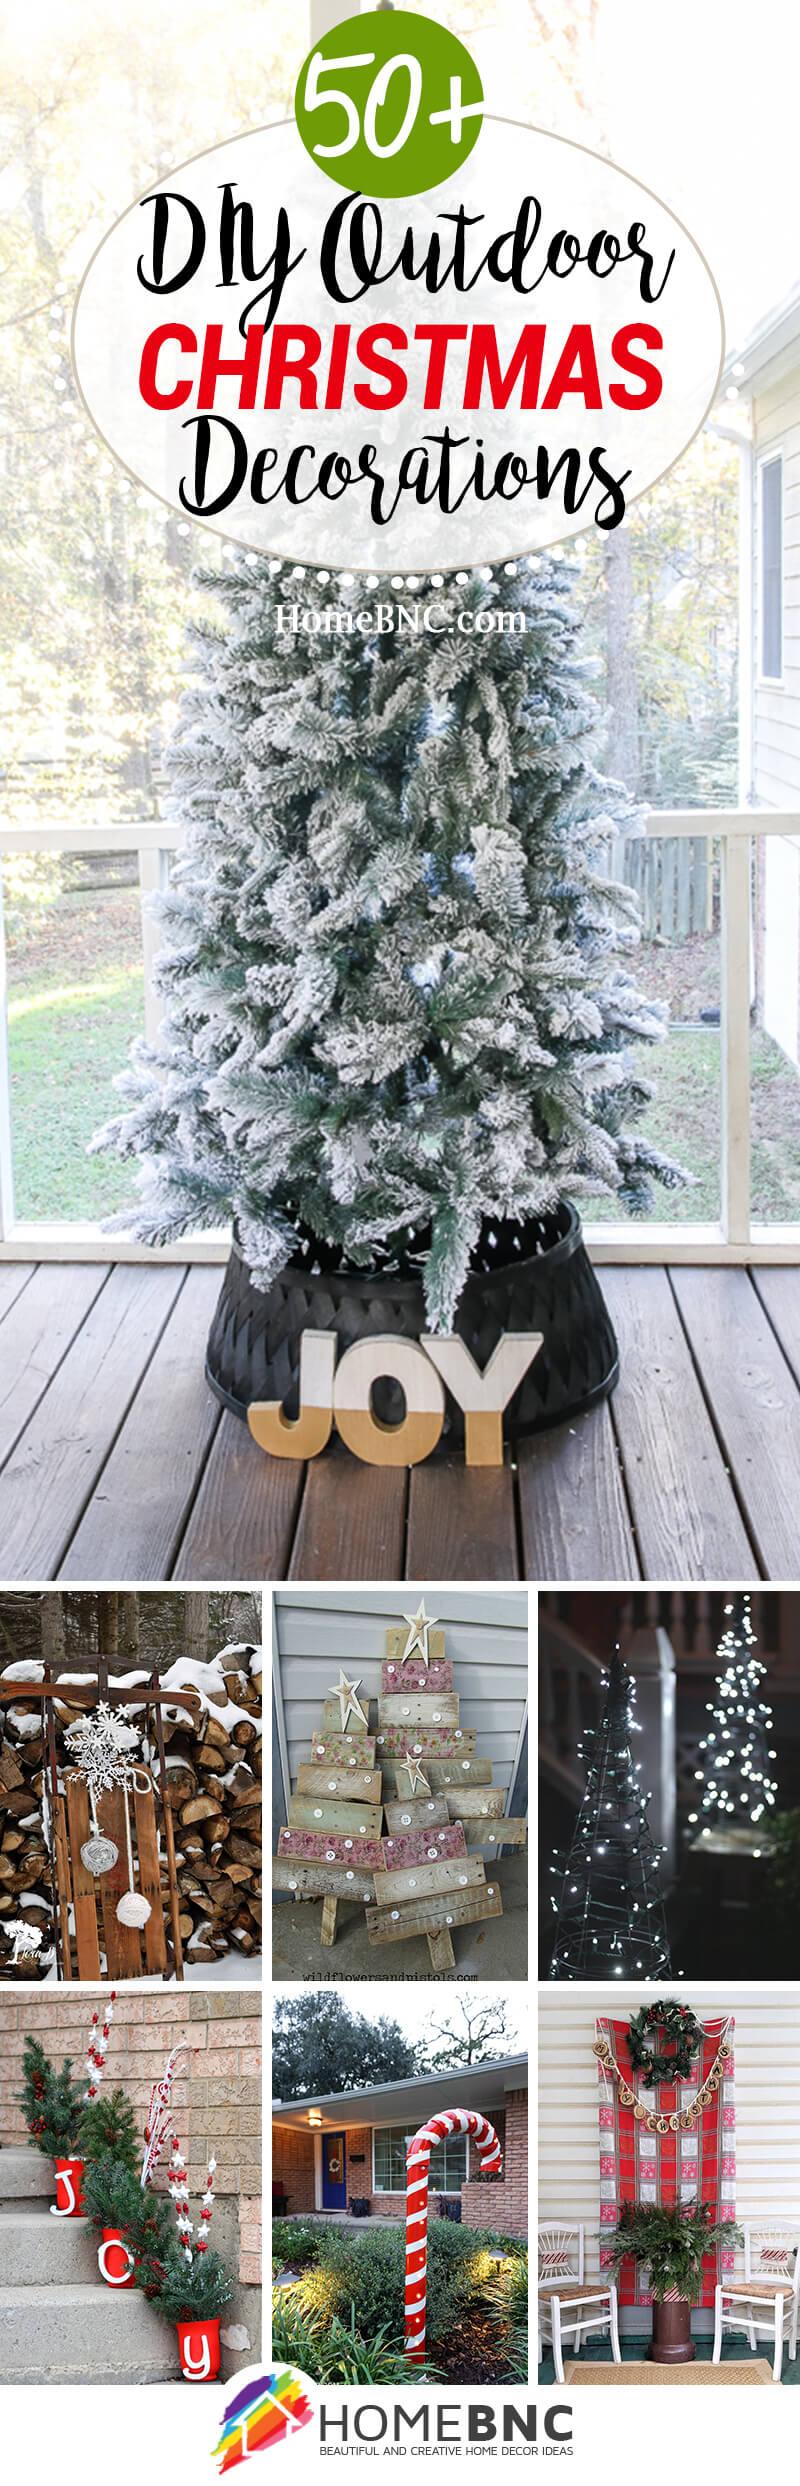 Christmas DIY Outdoor Decor Ideas